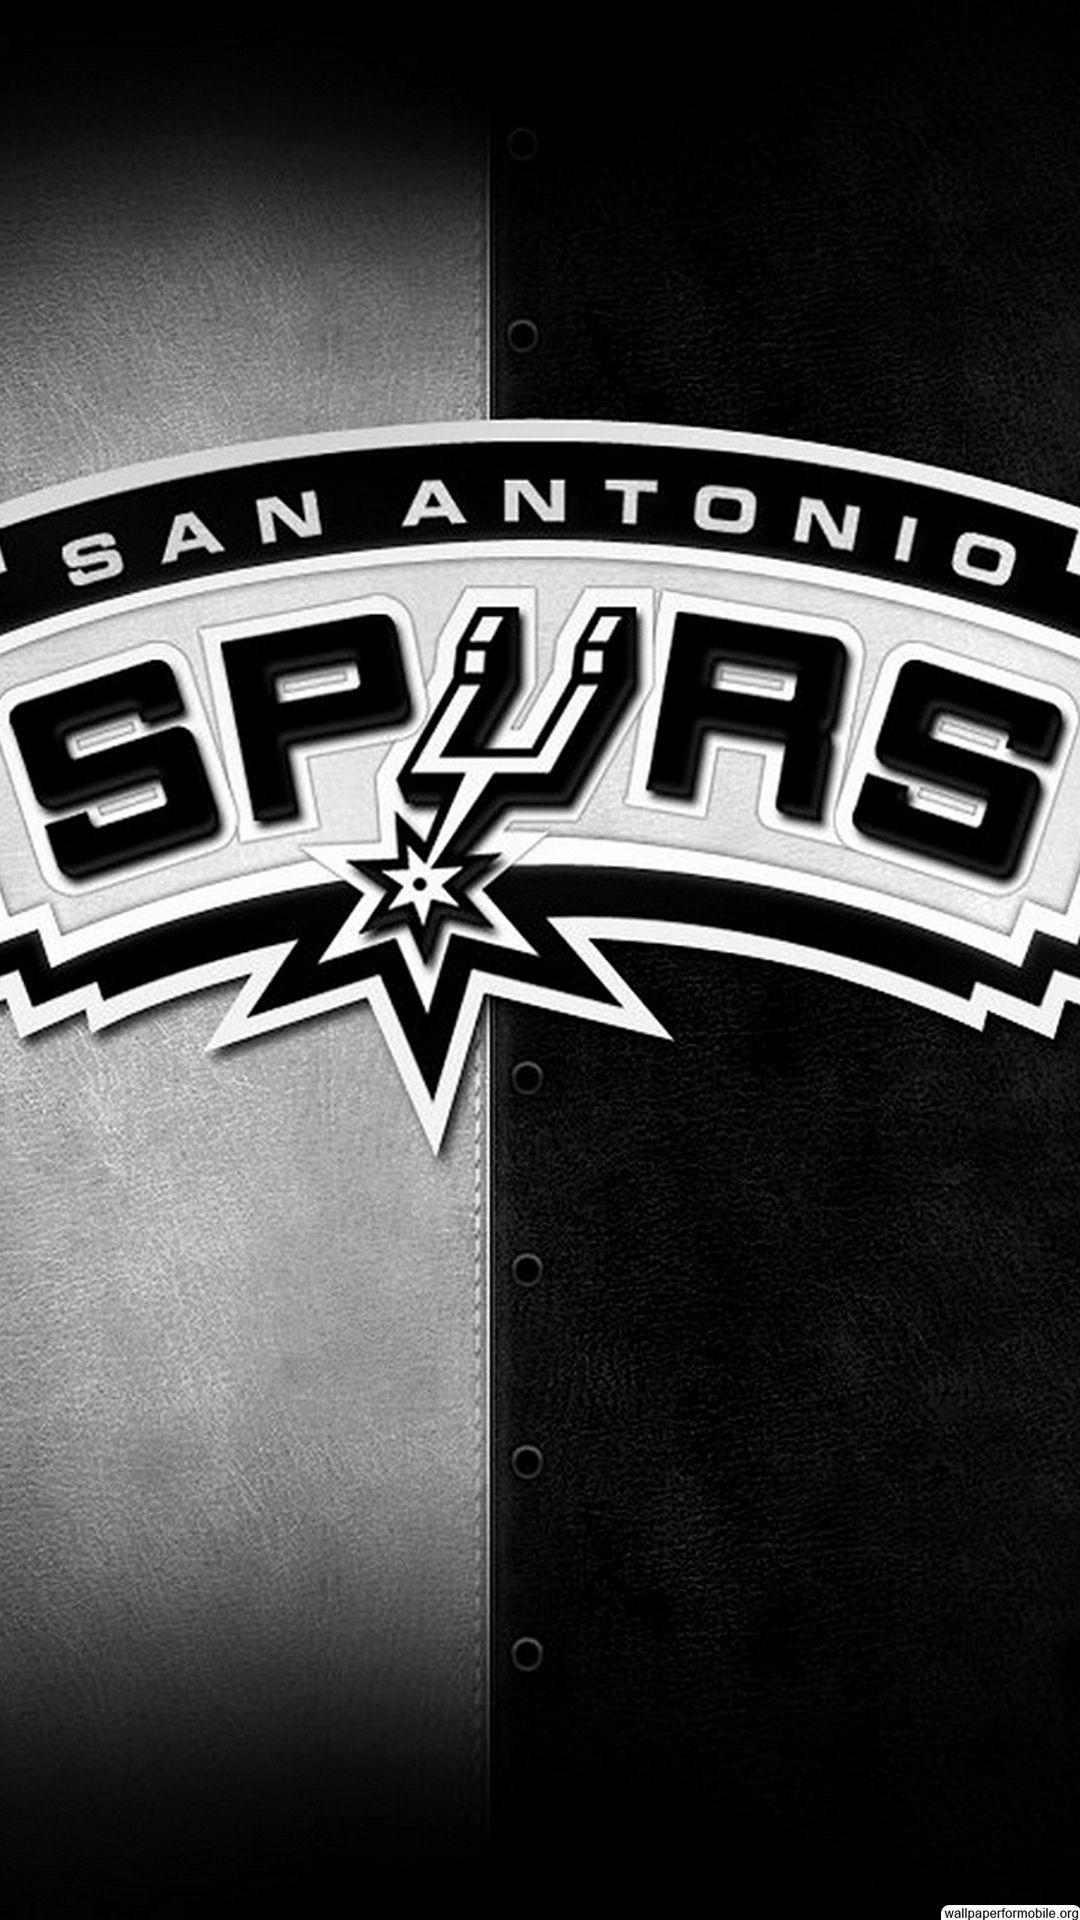 Spurs Iphone 5 Wallpaper San Antonio Spurs Wallpaper 2018 56 Images